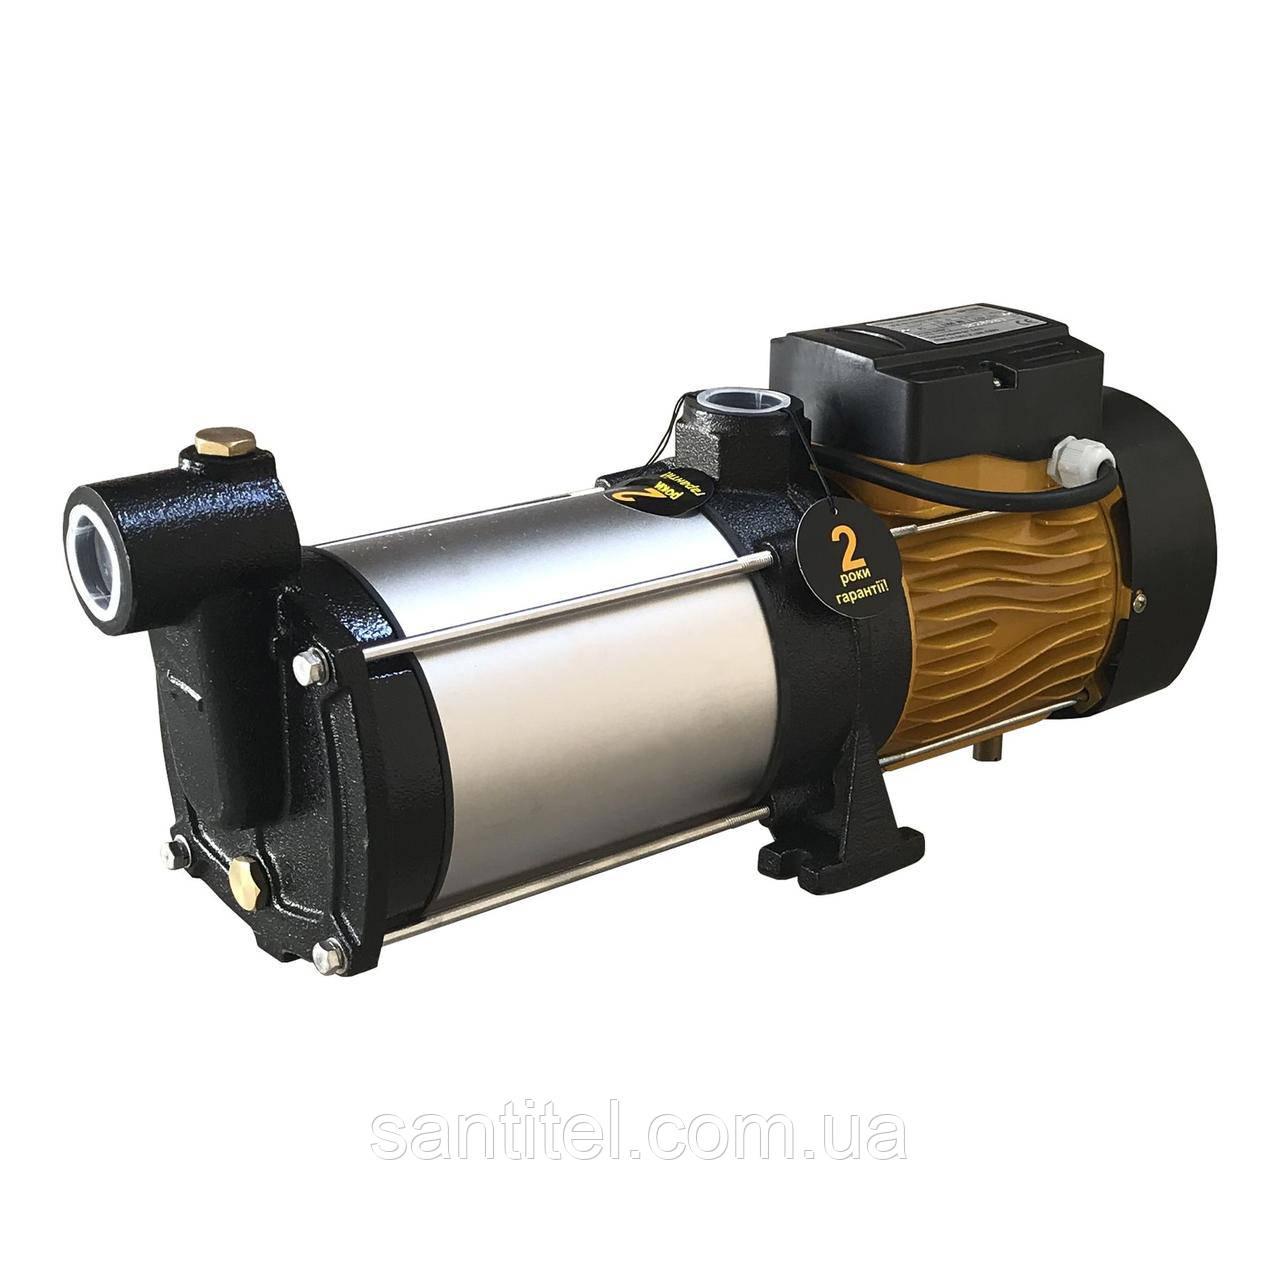 Насос центробежный многоступенчатый  Optima MH-N 1300INOX 1,3кВт нерж, колеса